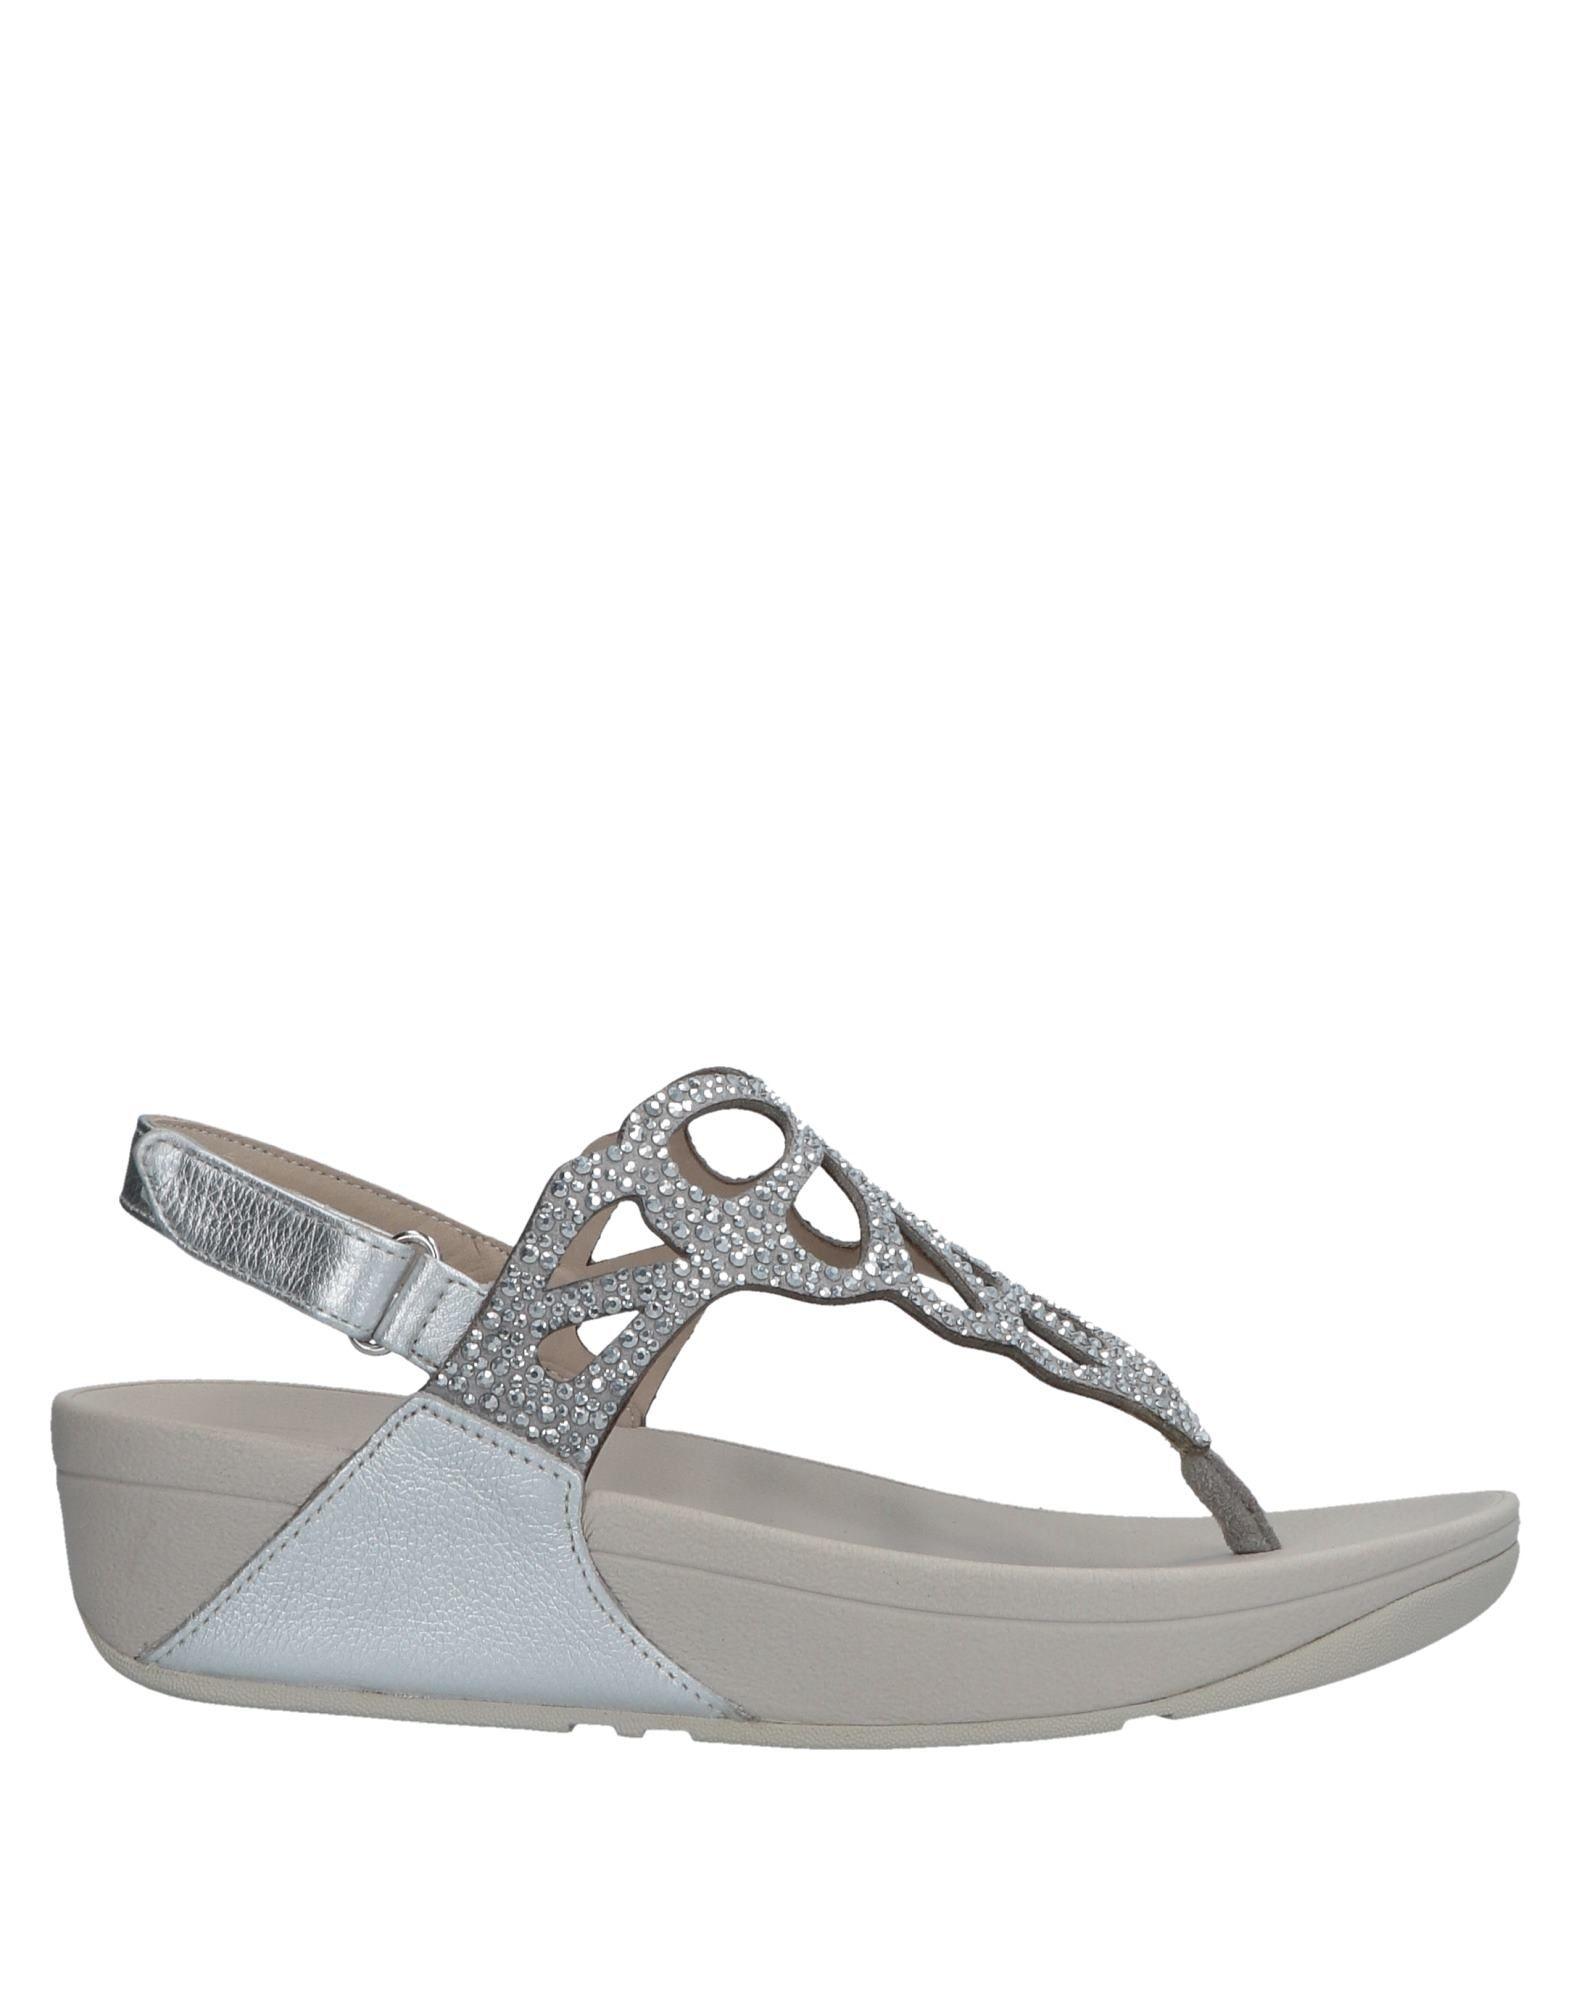 Fitflop Flip Flops - Women Fitflop Flip Flops online 11575496RP on  Australia - 11575496RP online c64d67